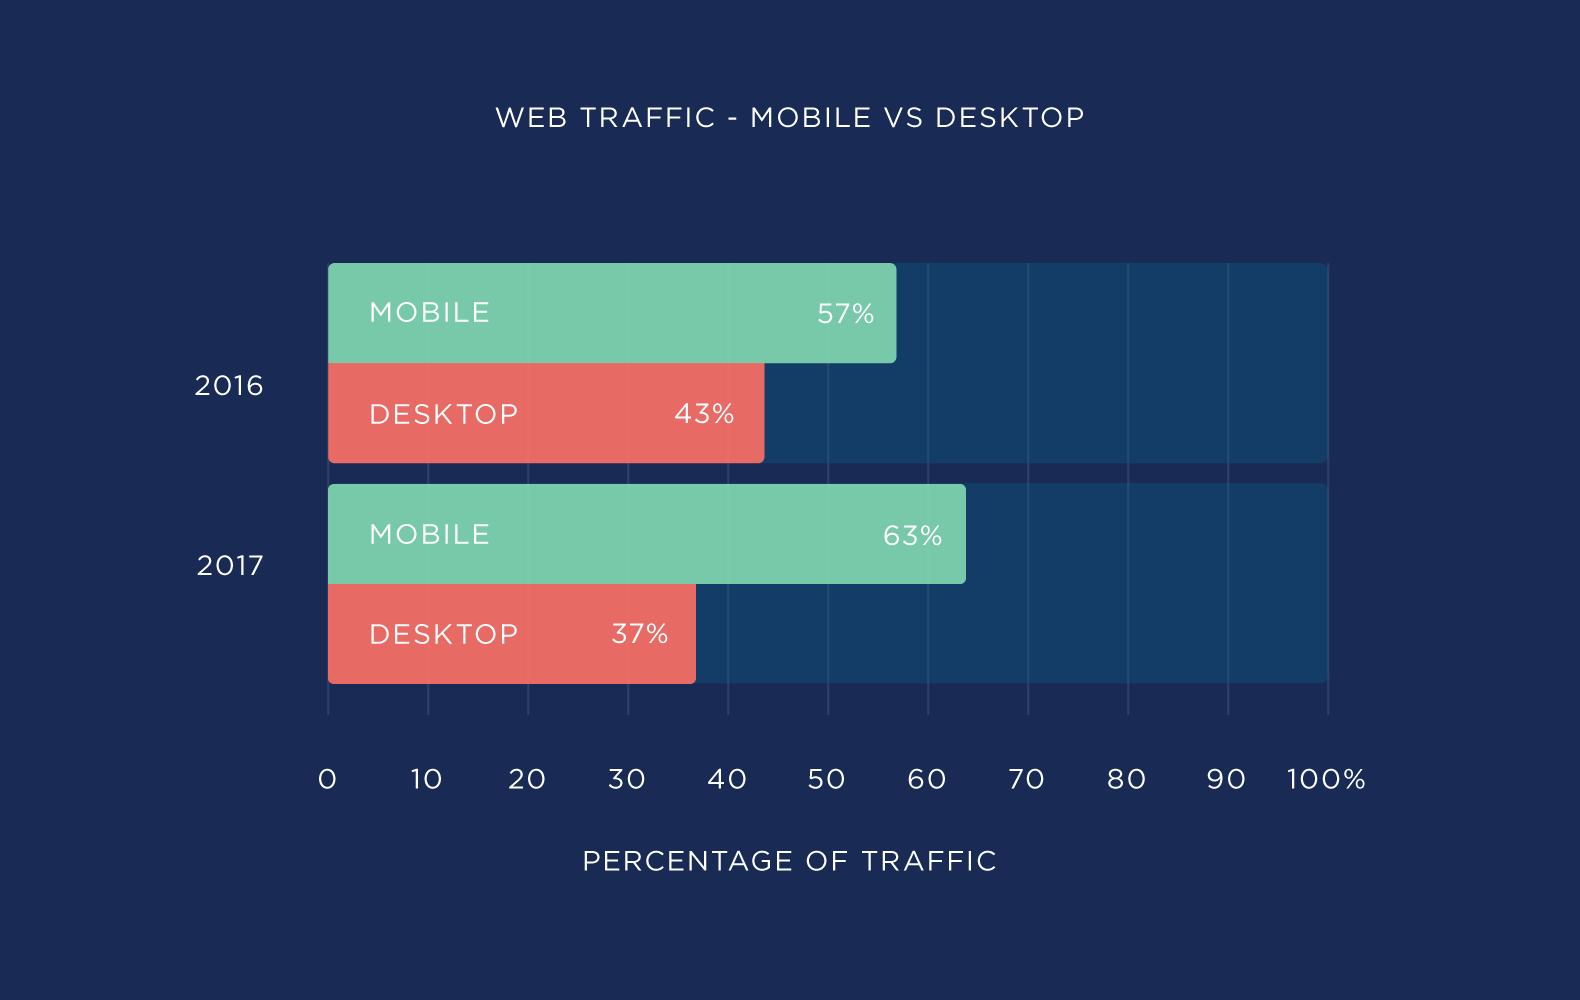 ترافیک وب - موبایل vs . رومیزی